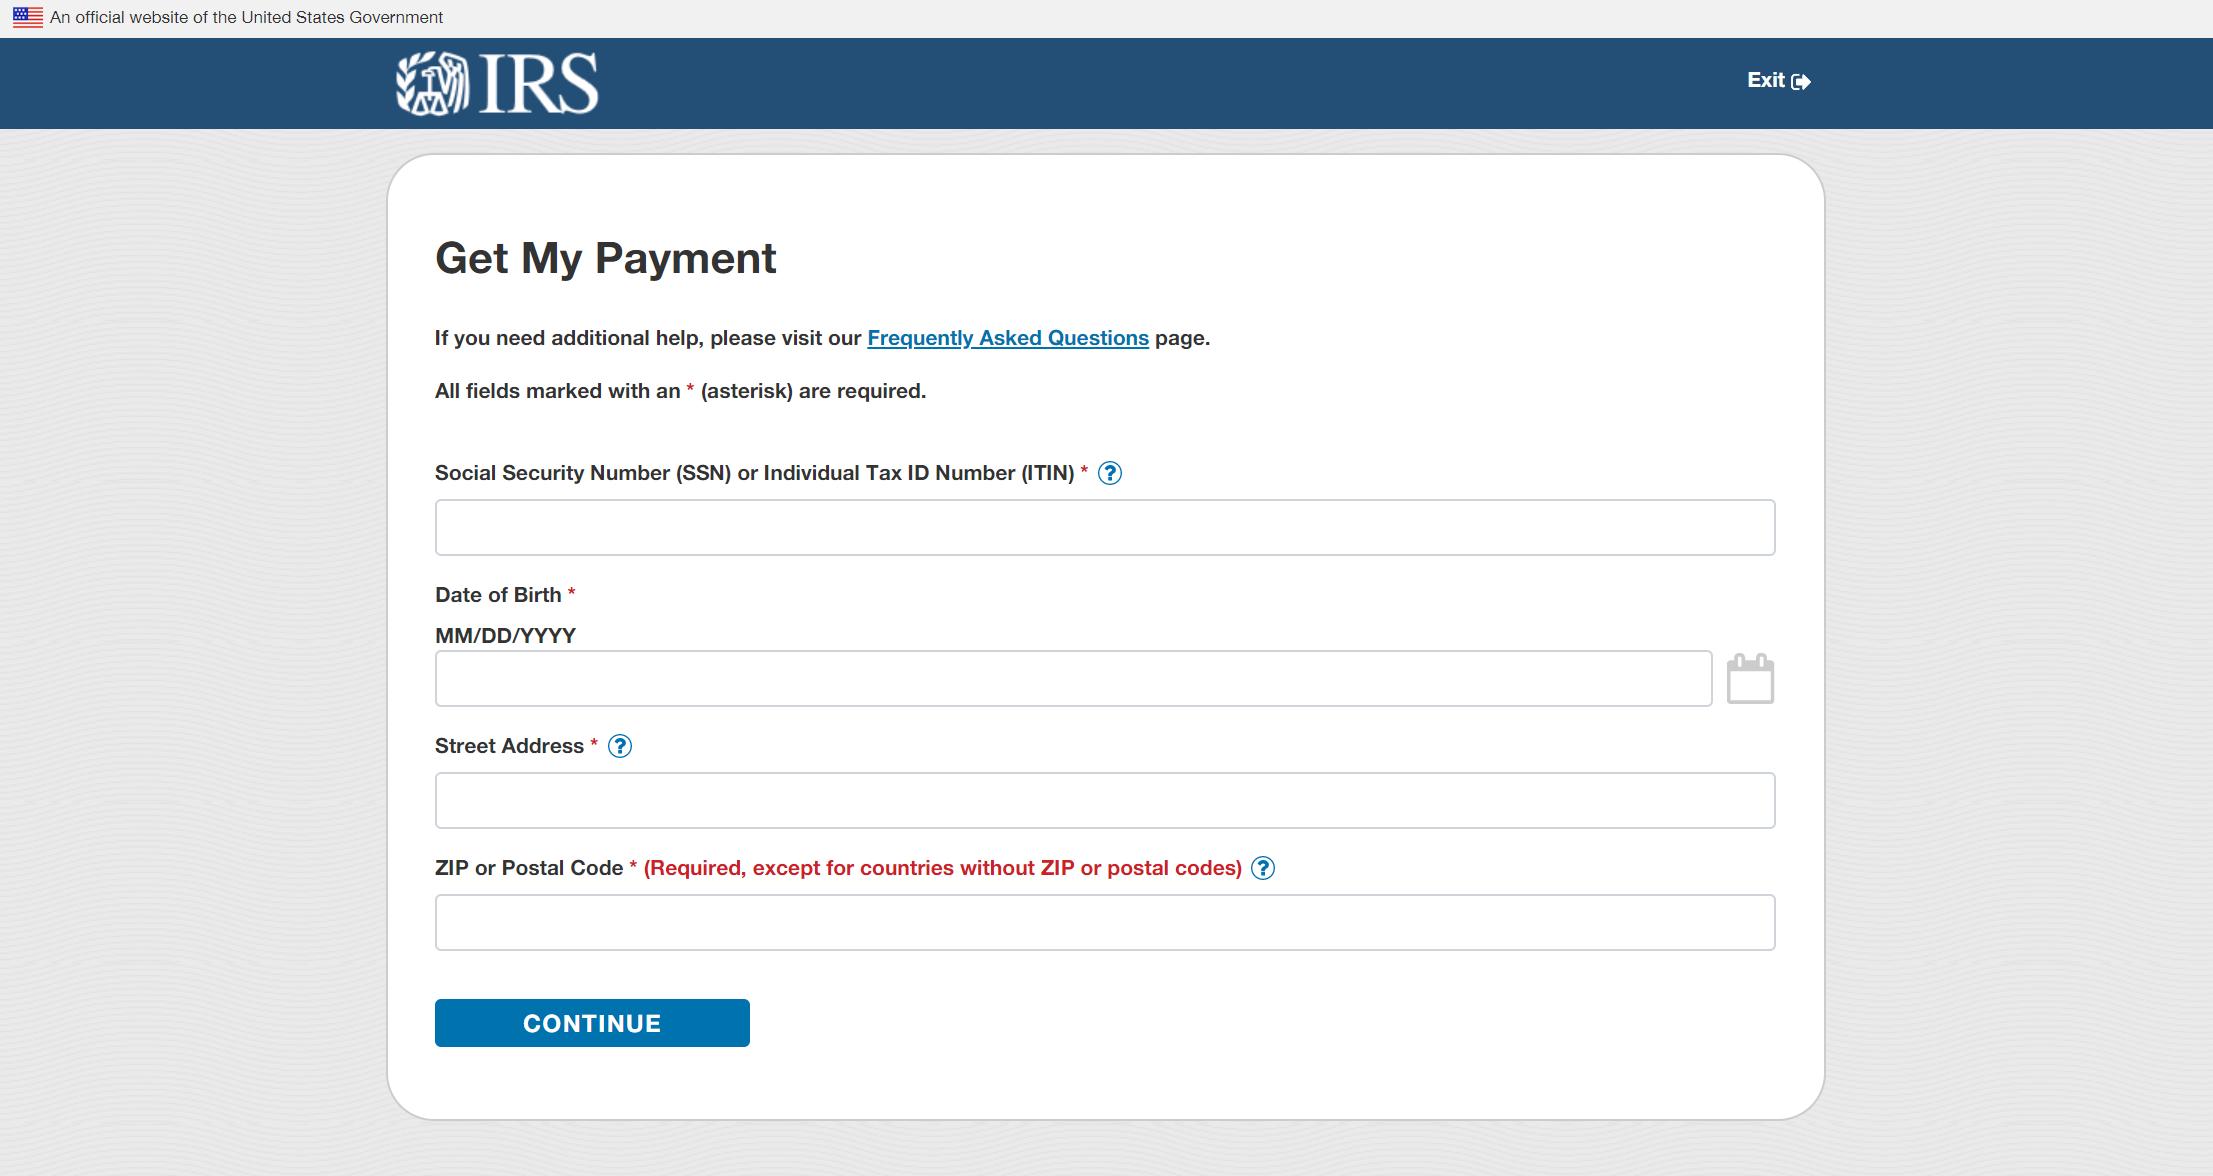 Jarraitu zure $1, 200 estimulu egiaztatzea - hona hemen nola erabili IRS gune berria 2